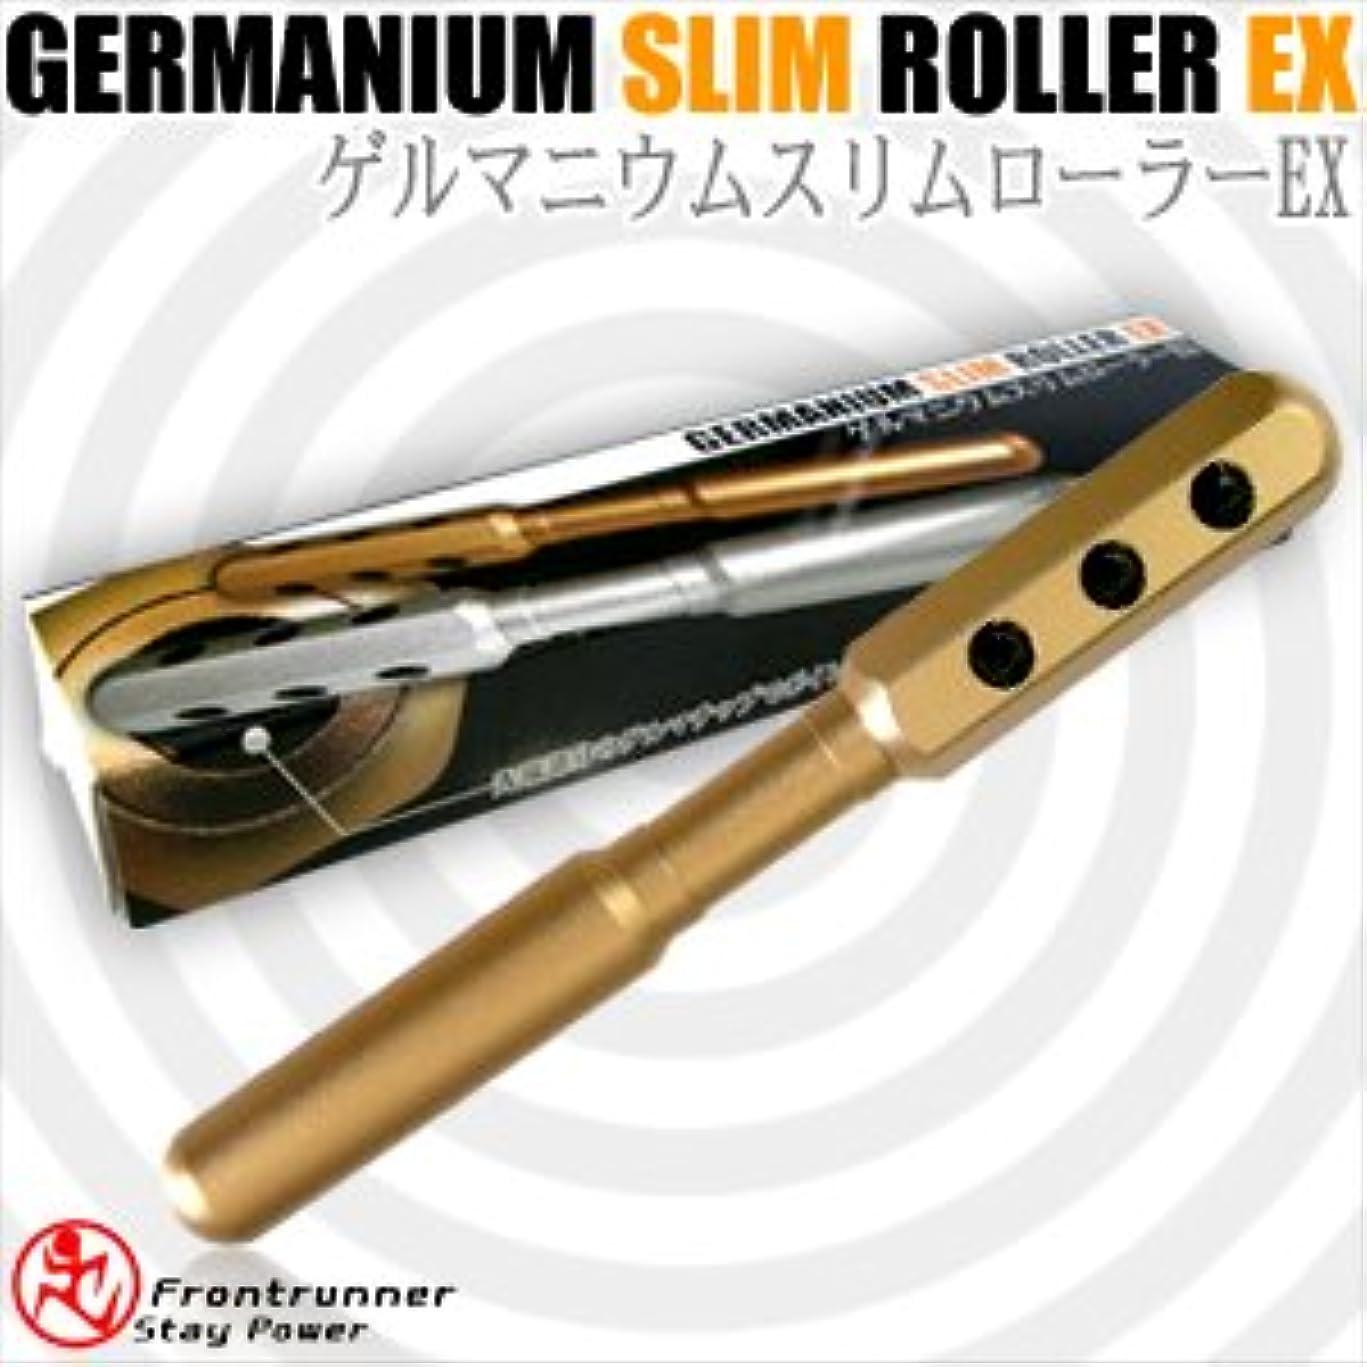 アグネスグレイインディカ踊り子ゲルマニウムスリムローラーEX(ゴールド)